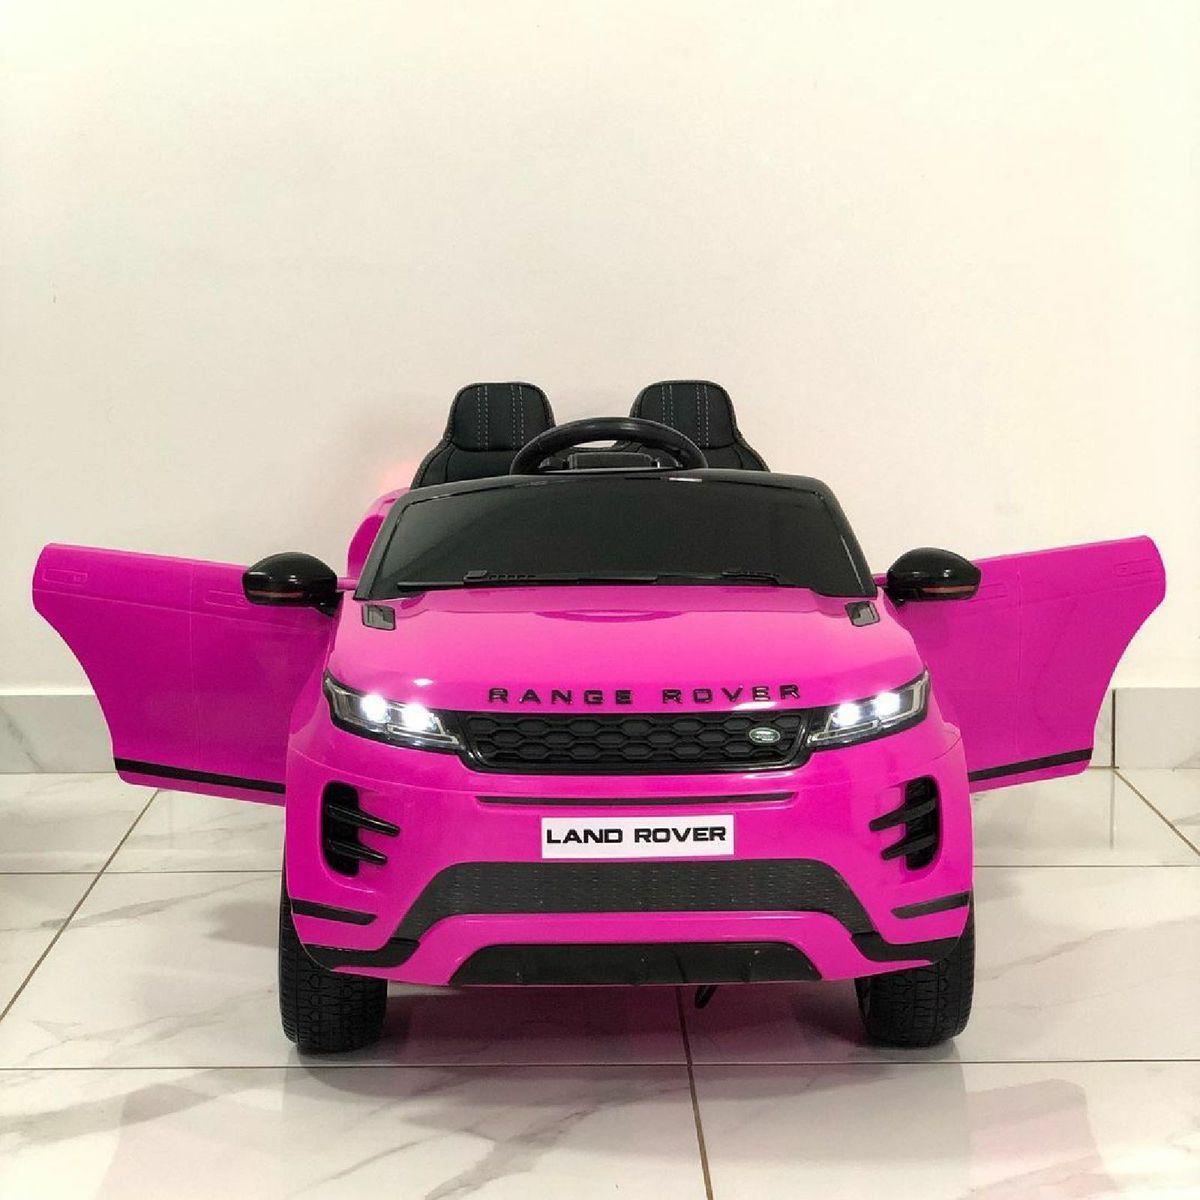 Carro Eletrico Infantil Ranger Rover Evoque Rosa Brinquedo Ranger Rover Nunca Usado 50237937 Enjoei